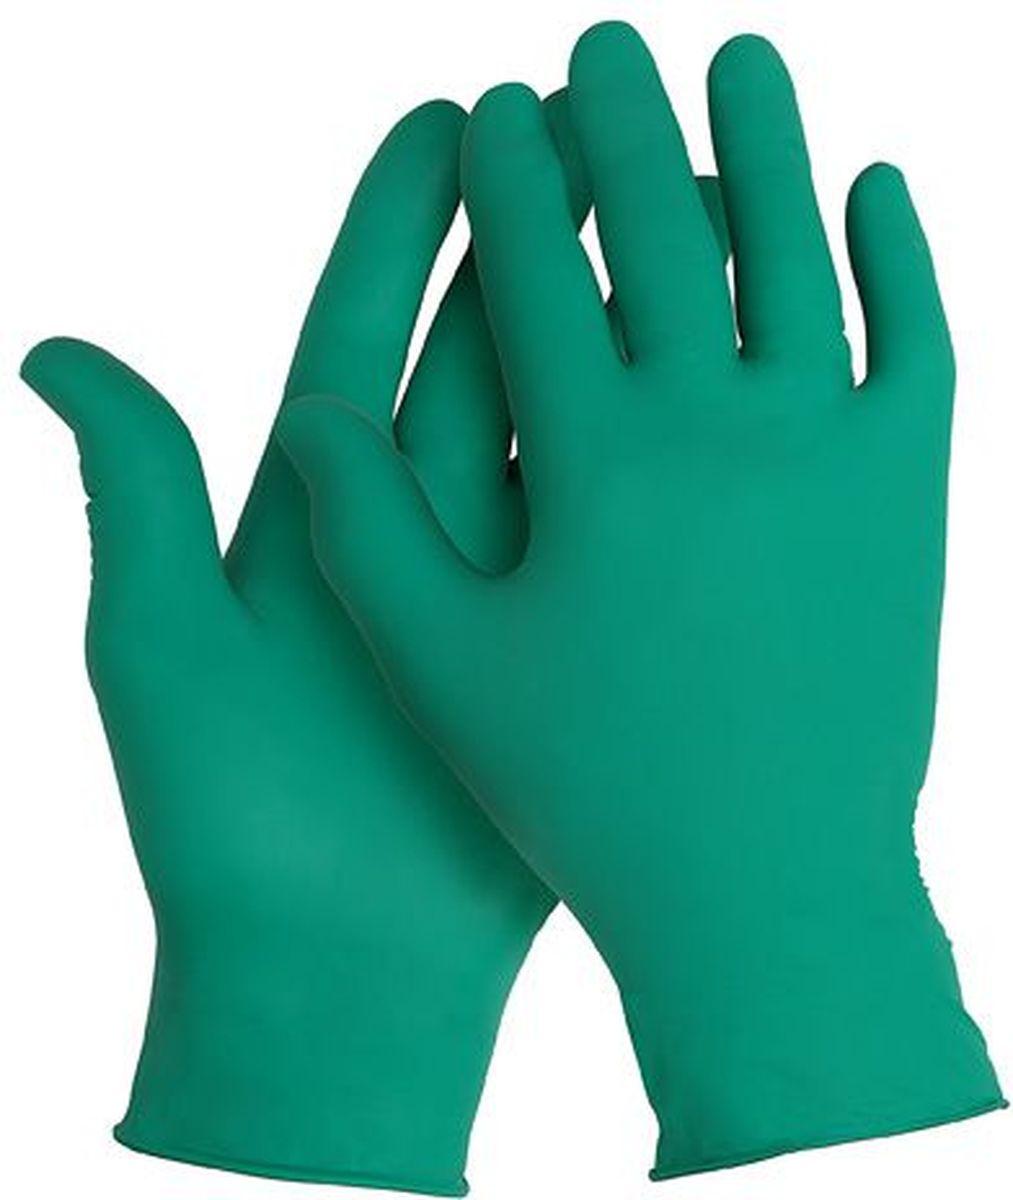 Перчатки хозяйственные Kleenguard G20, размер 7 (S), цвет: зеленый, 1250 шт90091Ассортимент перчаток для защиты рук от химических веществ и механических воздействий – повышают безопасность работ и сокращают затраты. Идеальное решение, обеспечивающее защиту уровня СИЗ категории III (CE Complex) от брызг химических веществ в медицине, полиграфии, сельском хозяйстве, на участках сборки и окраски автомобилей, при выполнении аварийных работ, сборе мусора, химических разливов и утилизации отходов. Не содержат латекс и присыпок. Прочные и эргономичные перчатки с высокой тактильной чувствительностью. Могут быть использованы в пищевой промышленности или HoReCa.Формат поставки: сверхтонкие перчатки с универсальным дизайном для обеих рук; не содержат присыпку и латекс; усиленная манжета для дополнительной прочности, рельефная поверхность пальцев для лучшего захвата; широкий ассортимент размеров – от XS до XL – обеспечивает комфортное ношение.Размеры:90090 - XS (6)90091 - S (7)90092 - M (8)90093 - L (9)